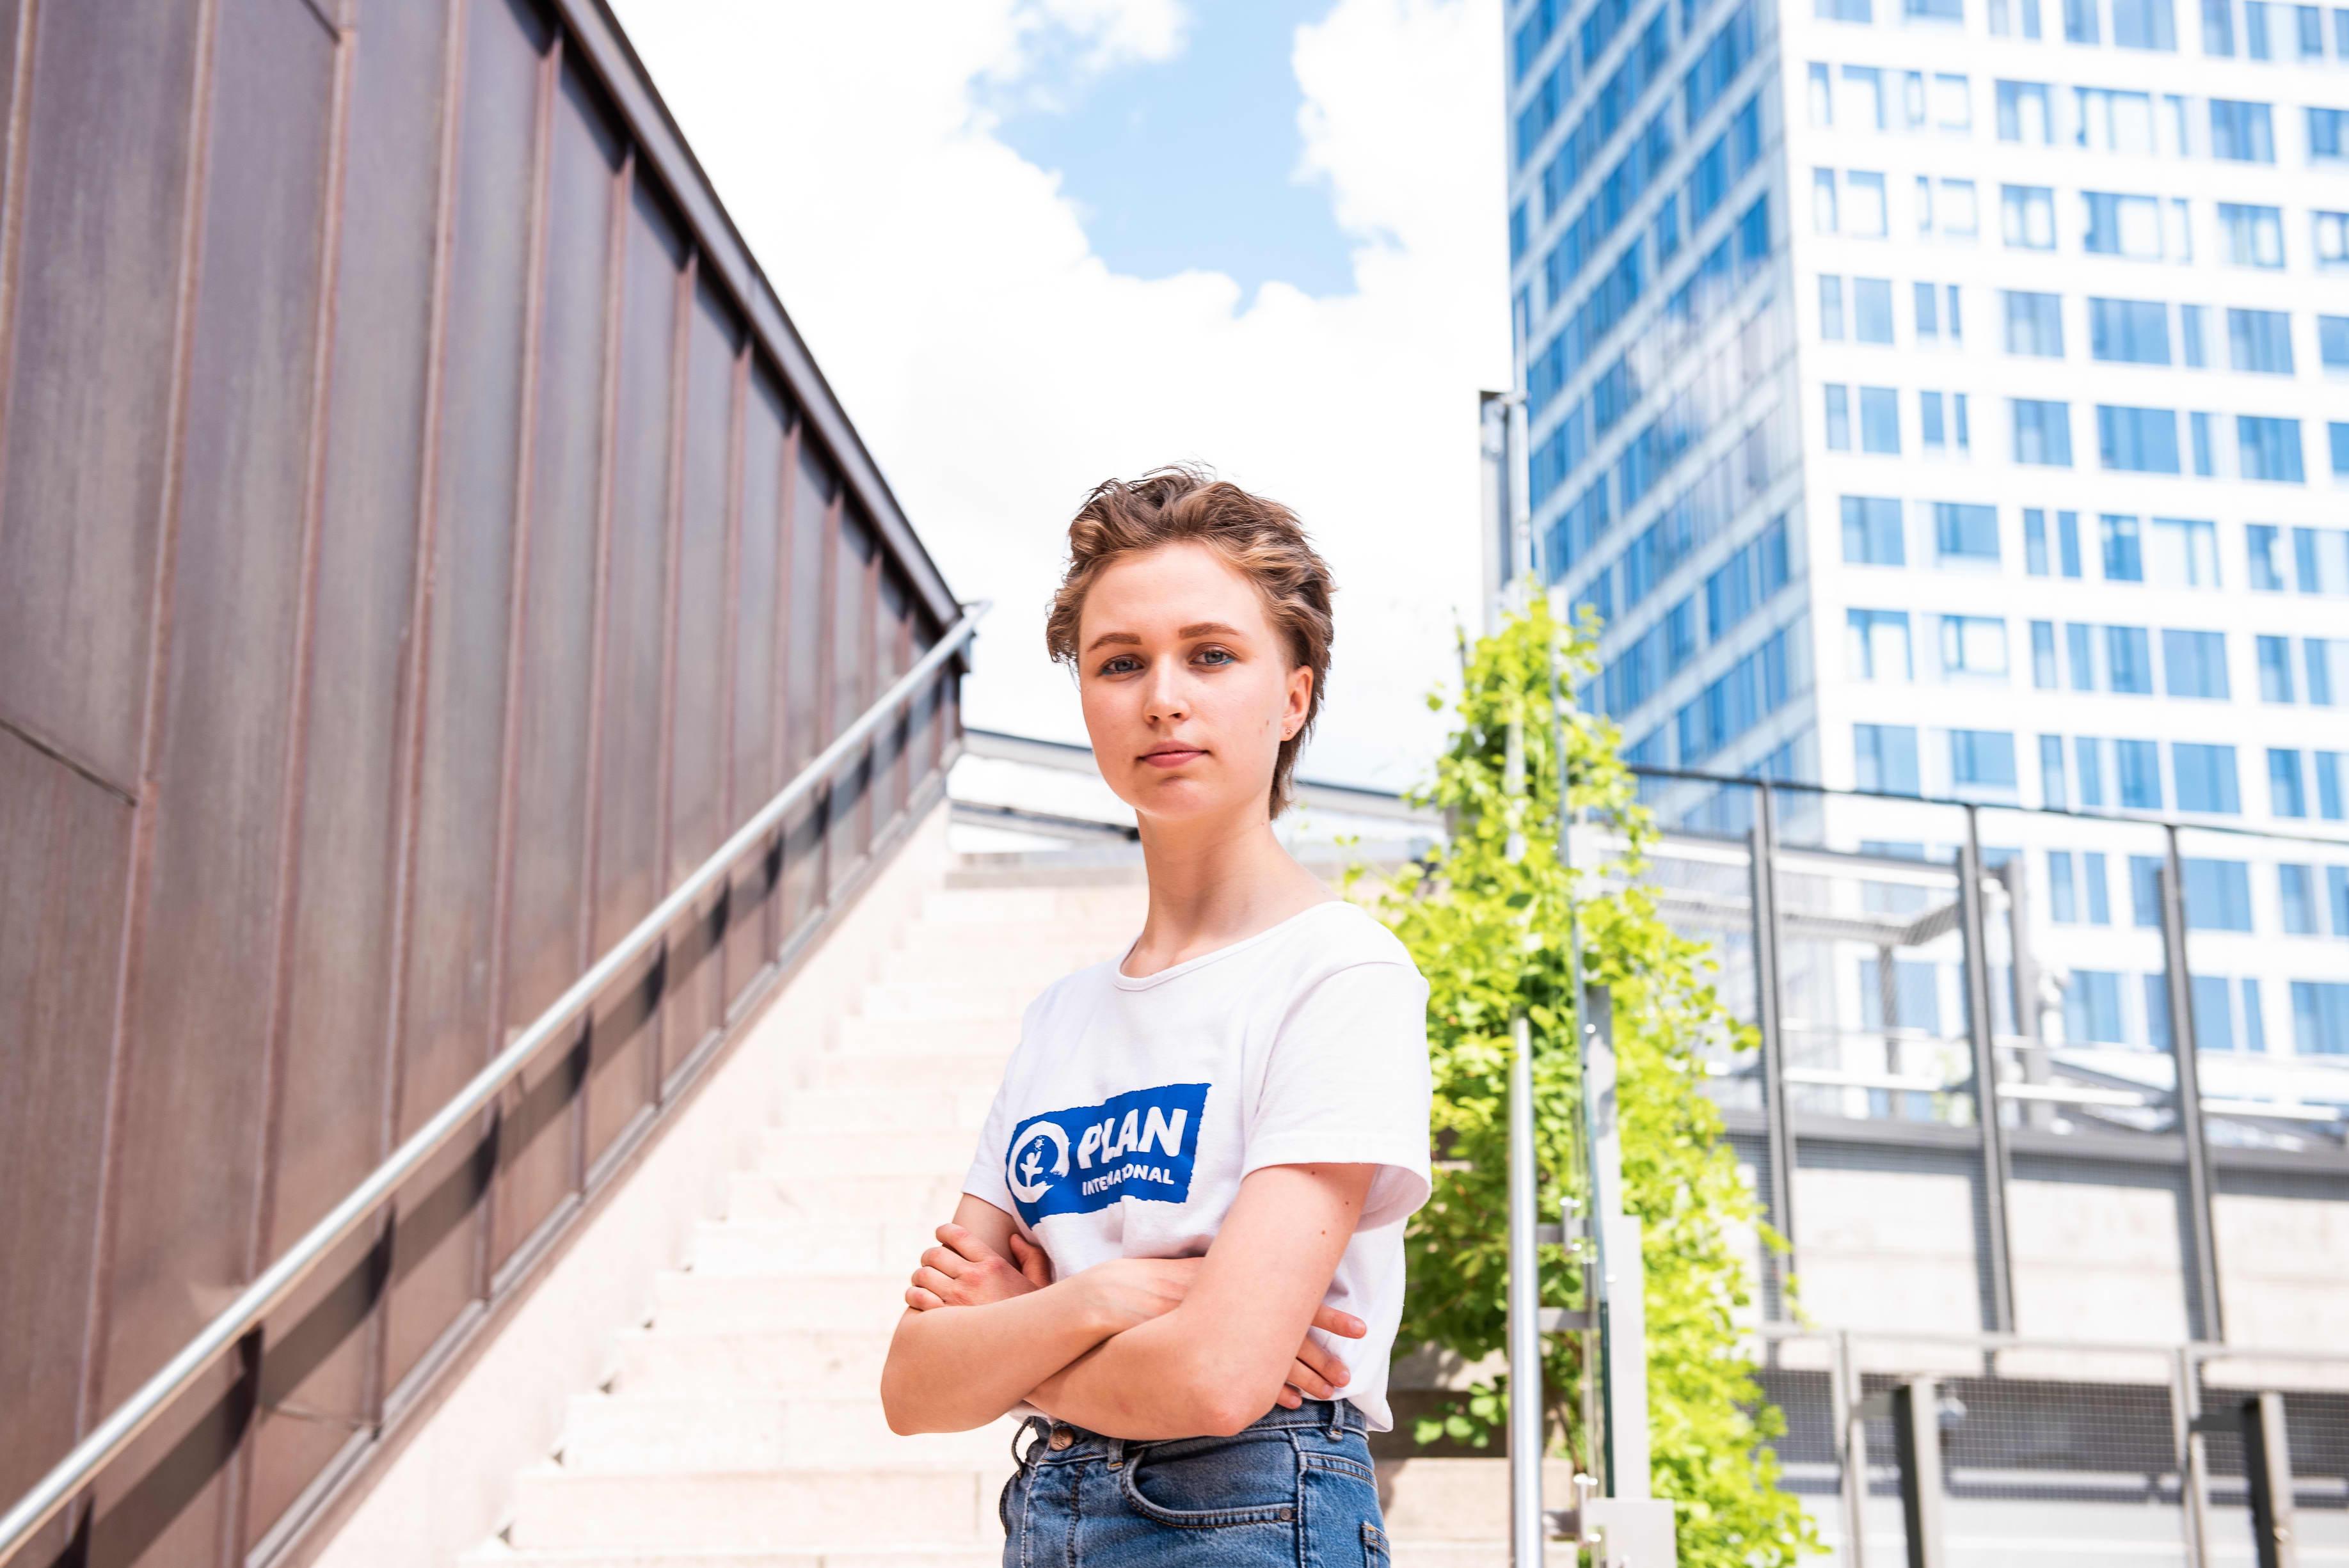 nuori nainen seisoo kaupungilla rapuissa, taustalla korkea rakennus